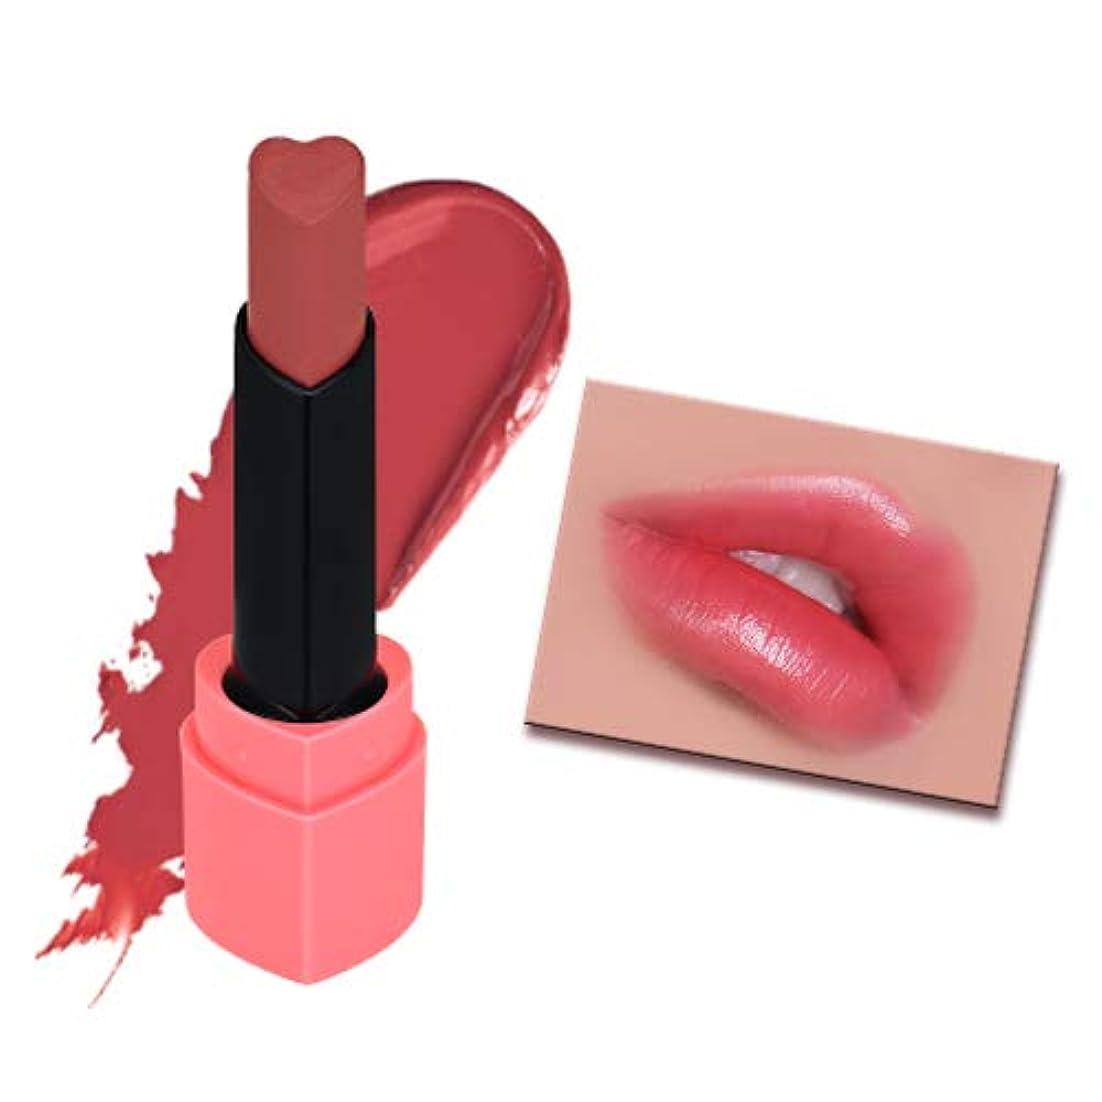 ビル入浴望まないホリカホリカ NEW!ハートクラッシュ口紅 [メルティング] / HOLIKAHOLIKA Heart Crush Melting Lipstick 1.8g (#PK04 プリムローズ) [並行輸入品]